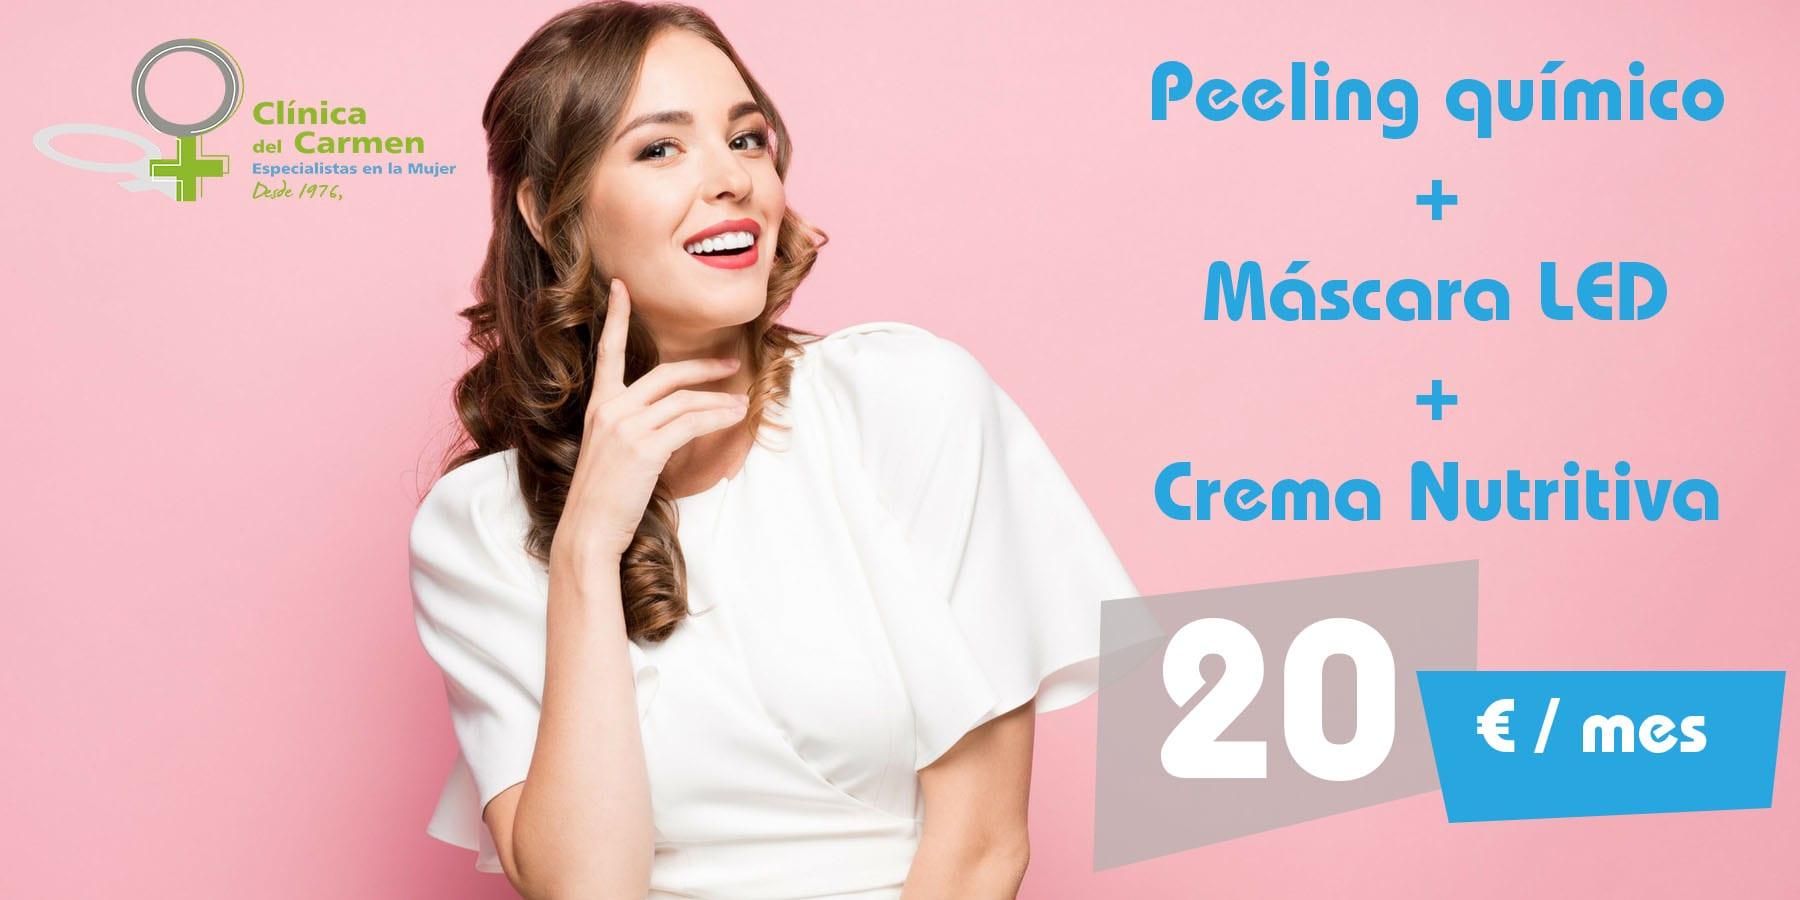 Peeling Químico para Rejuvenecimiento Facial - Clínica del Carmen